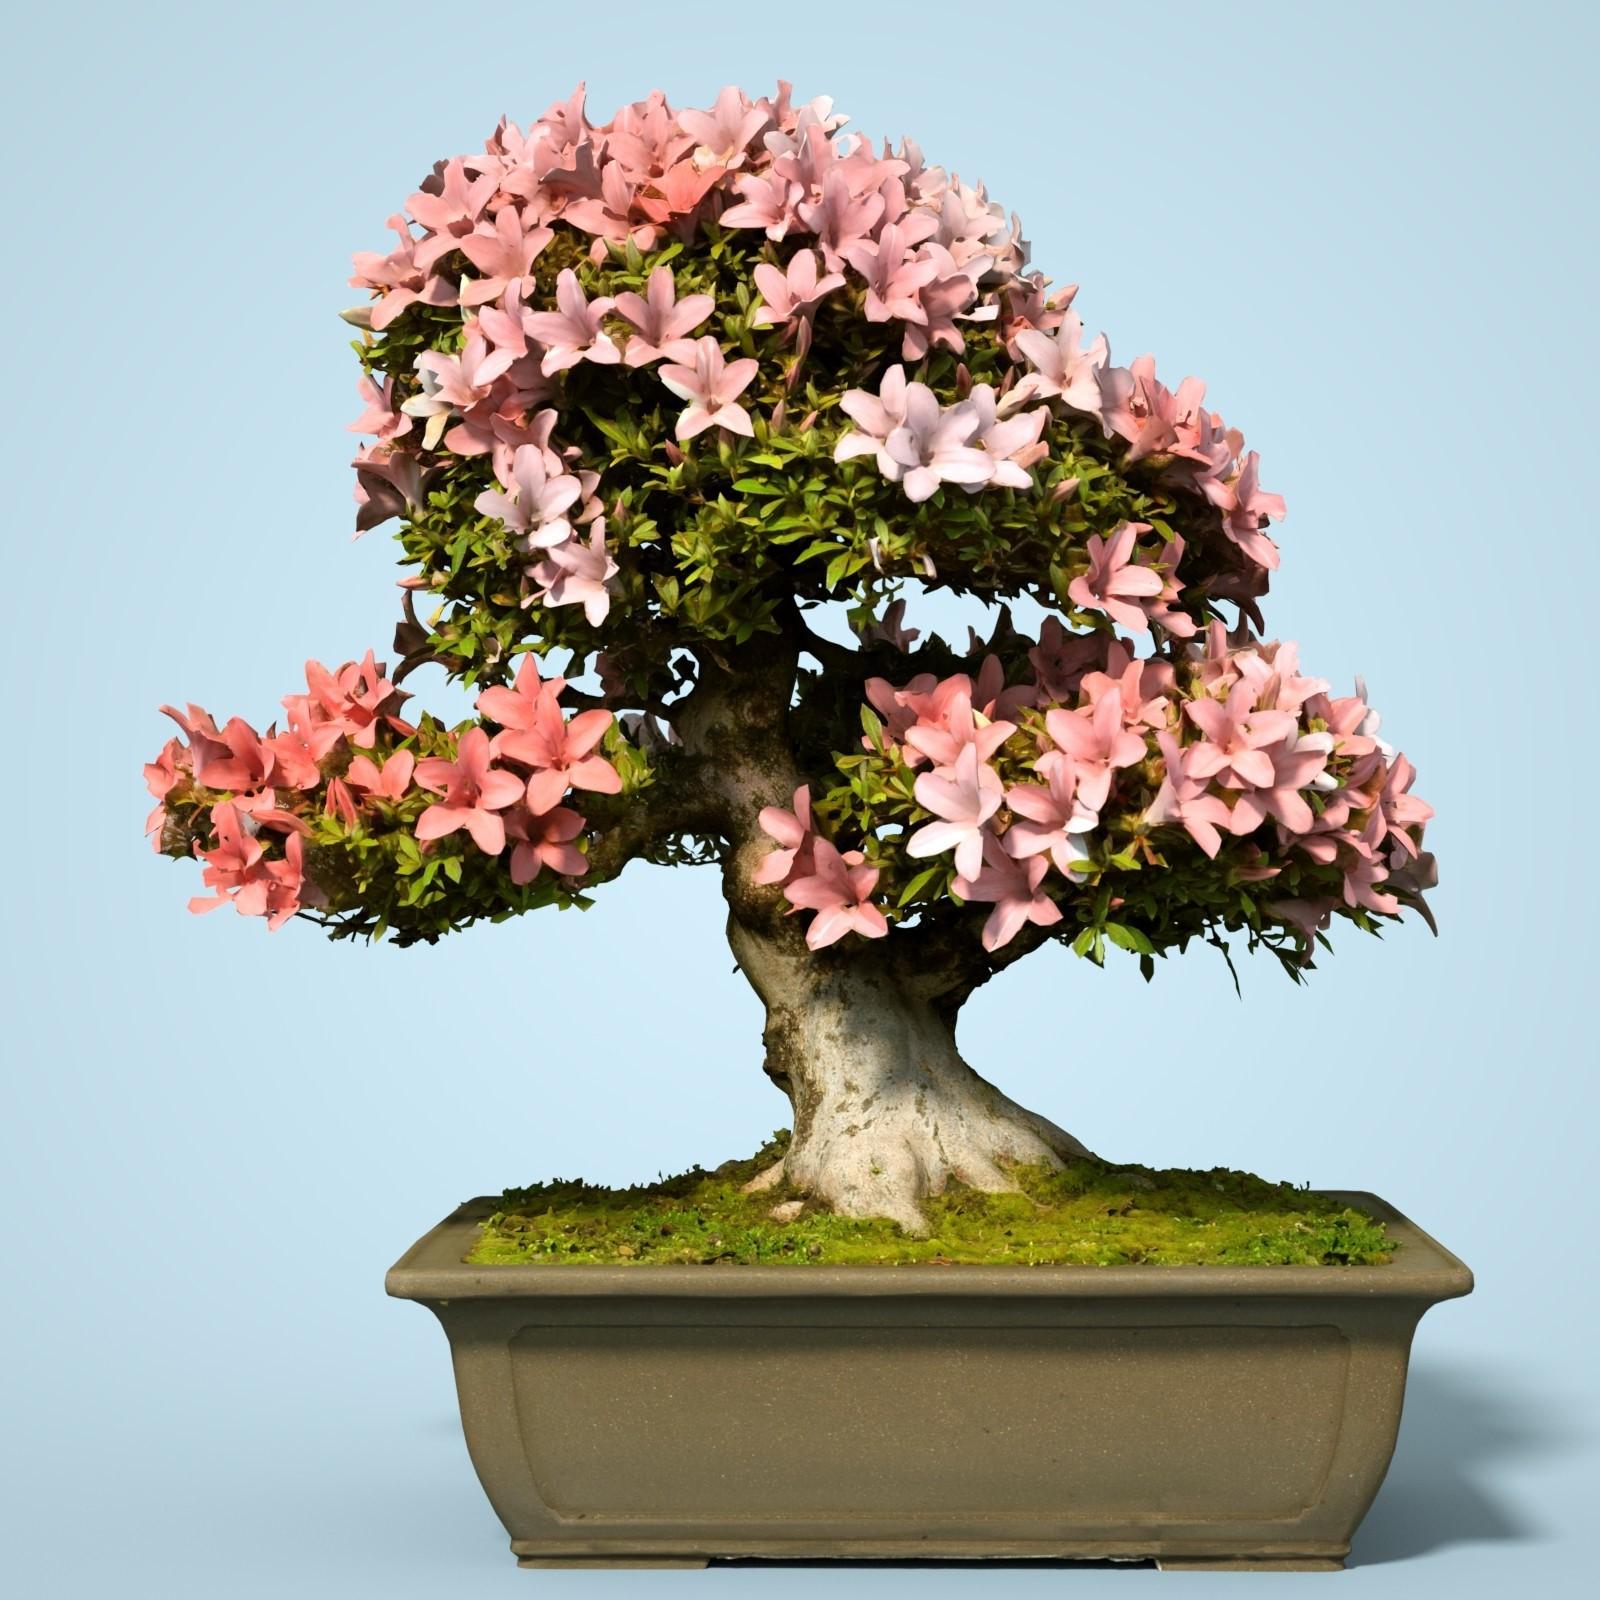 Achat de bonsaï: La partie la plus importante de l'entretien de votre bonsaï est l'arrosage.